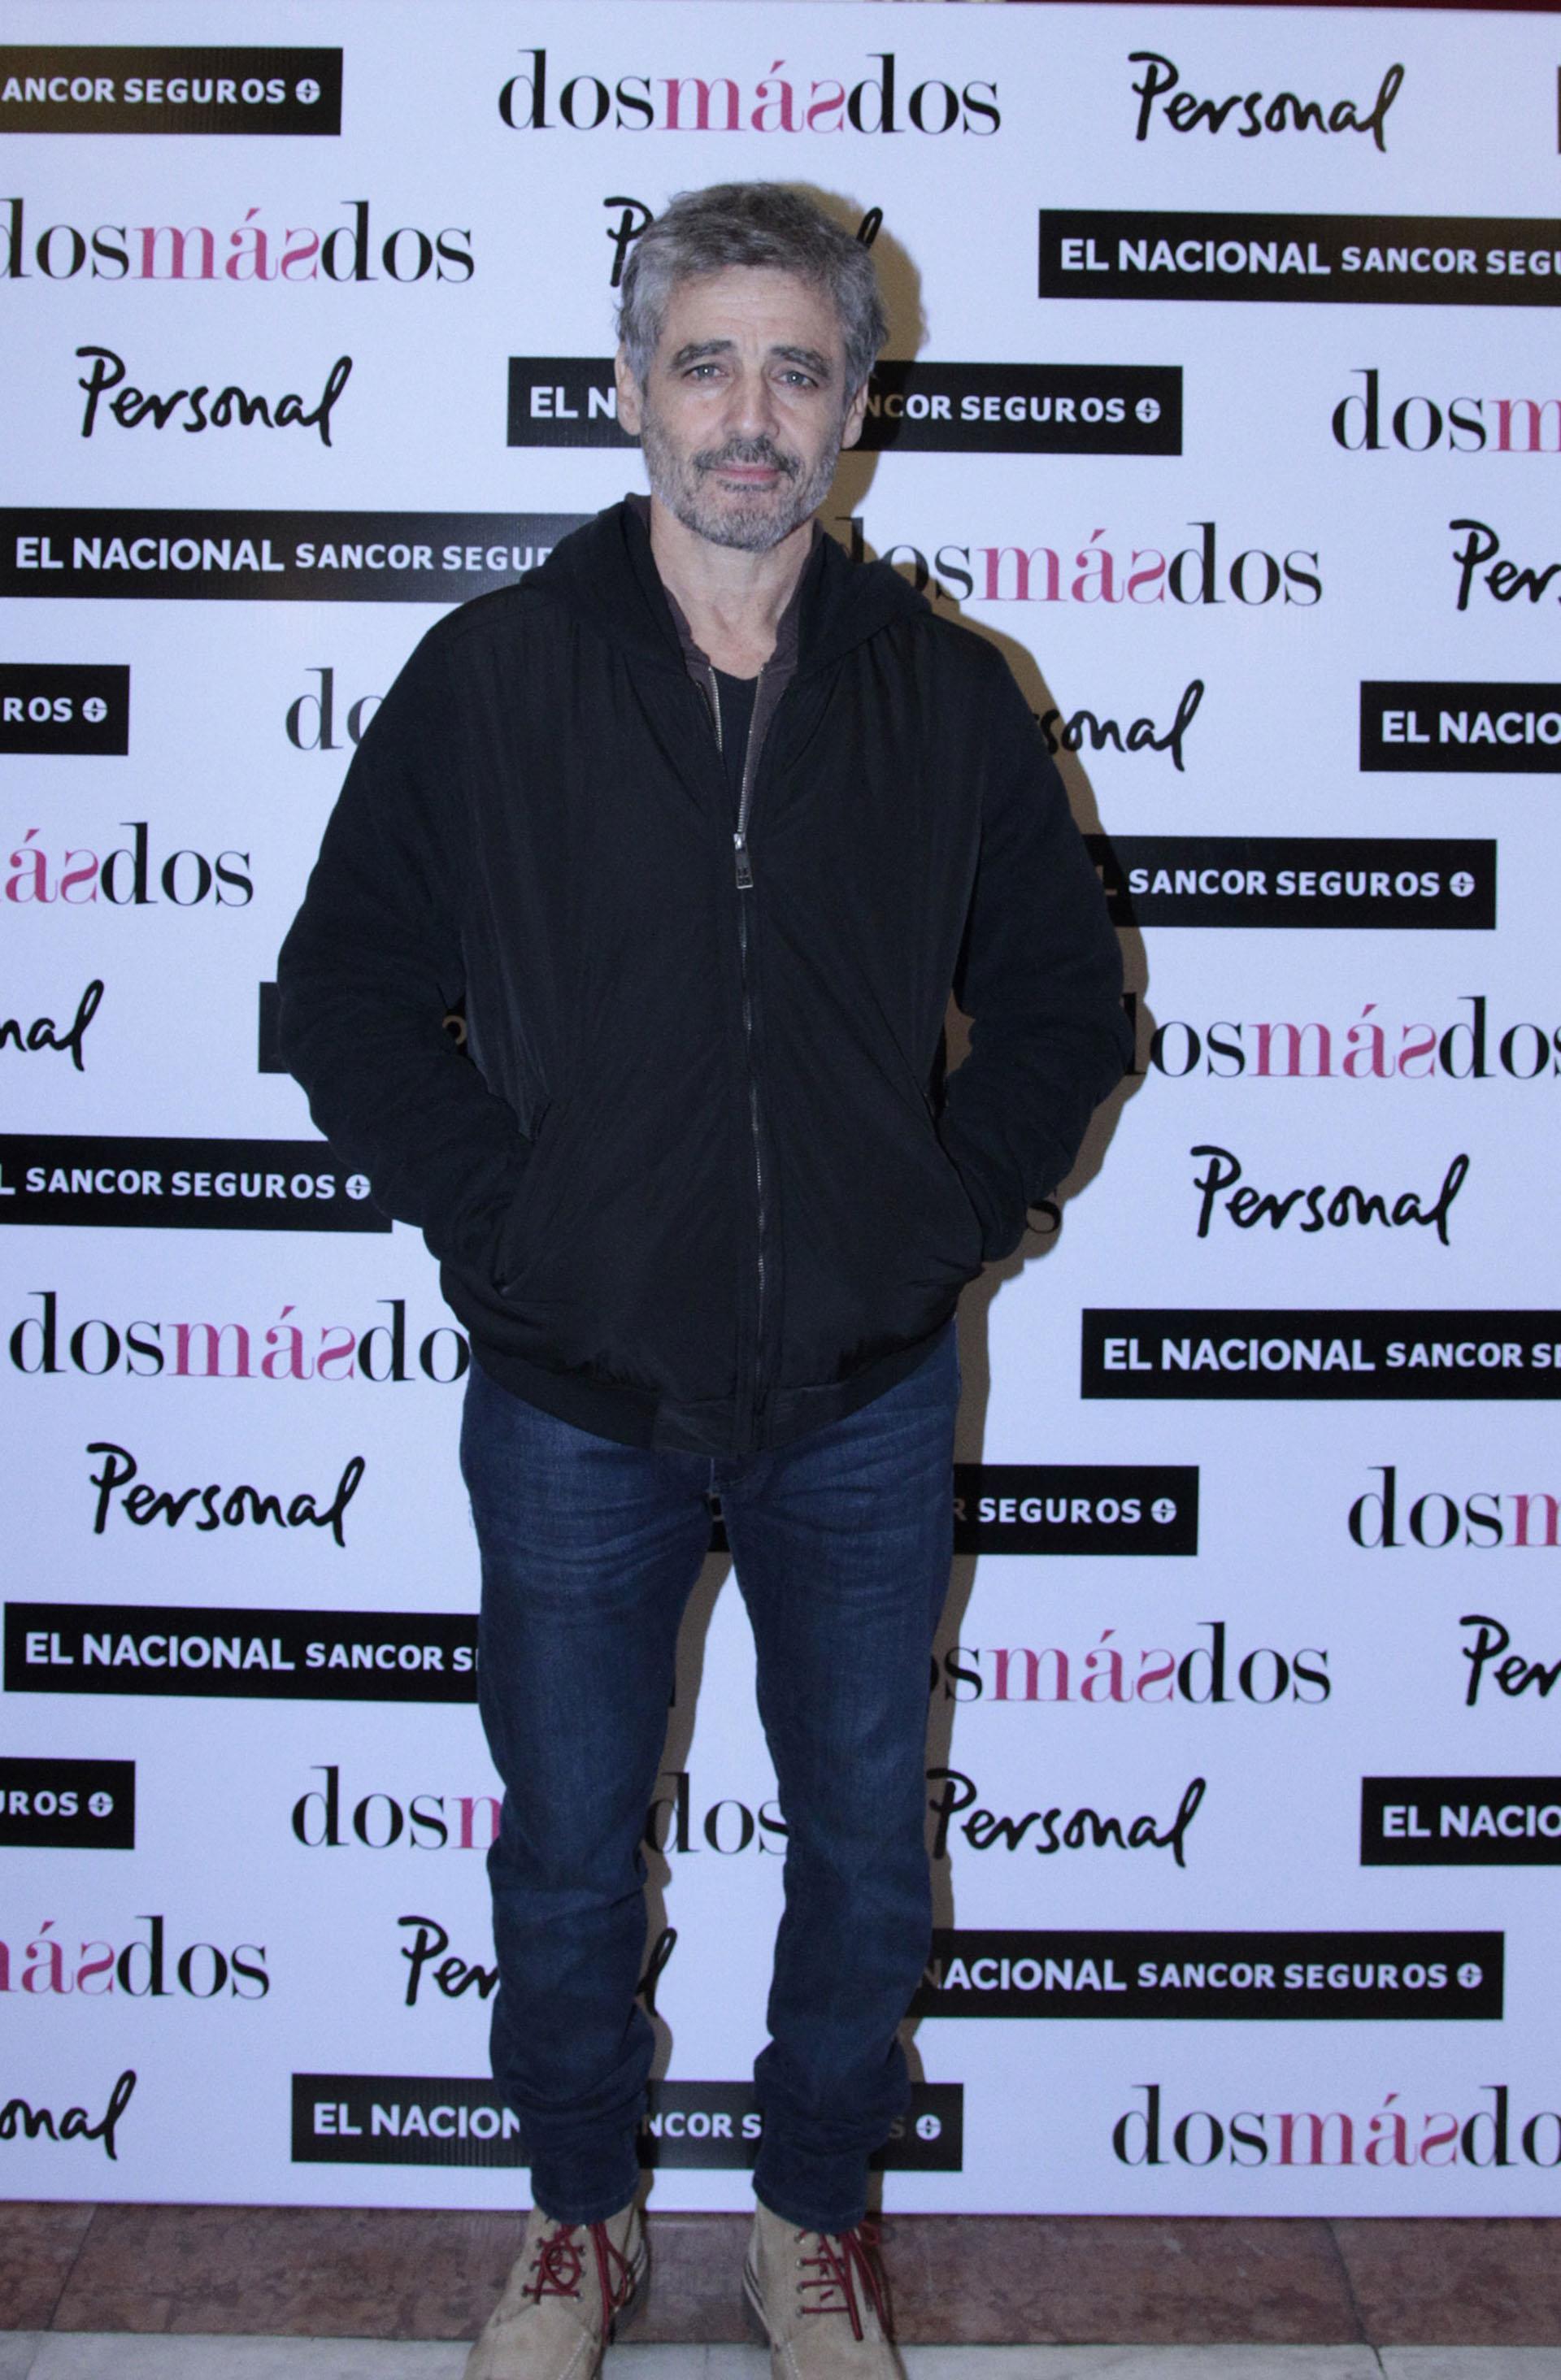 Germán Palacios (C.Oppizzi)